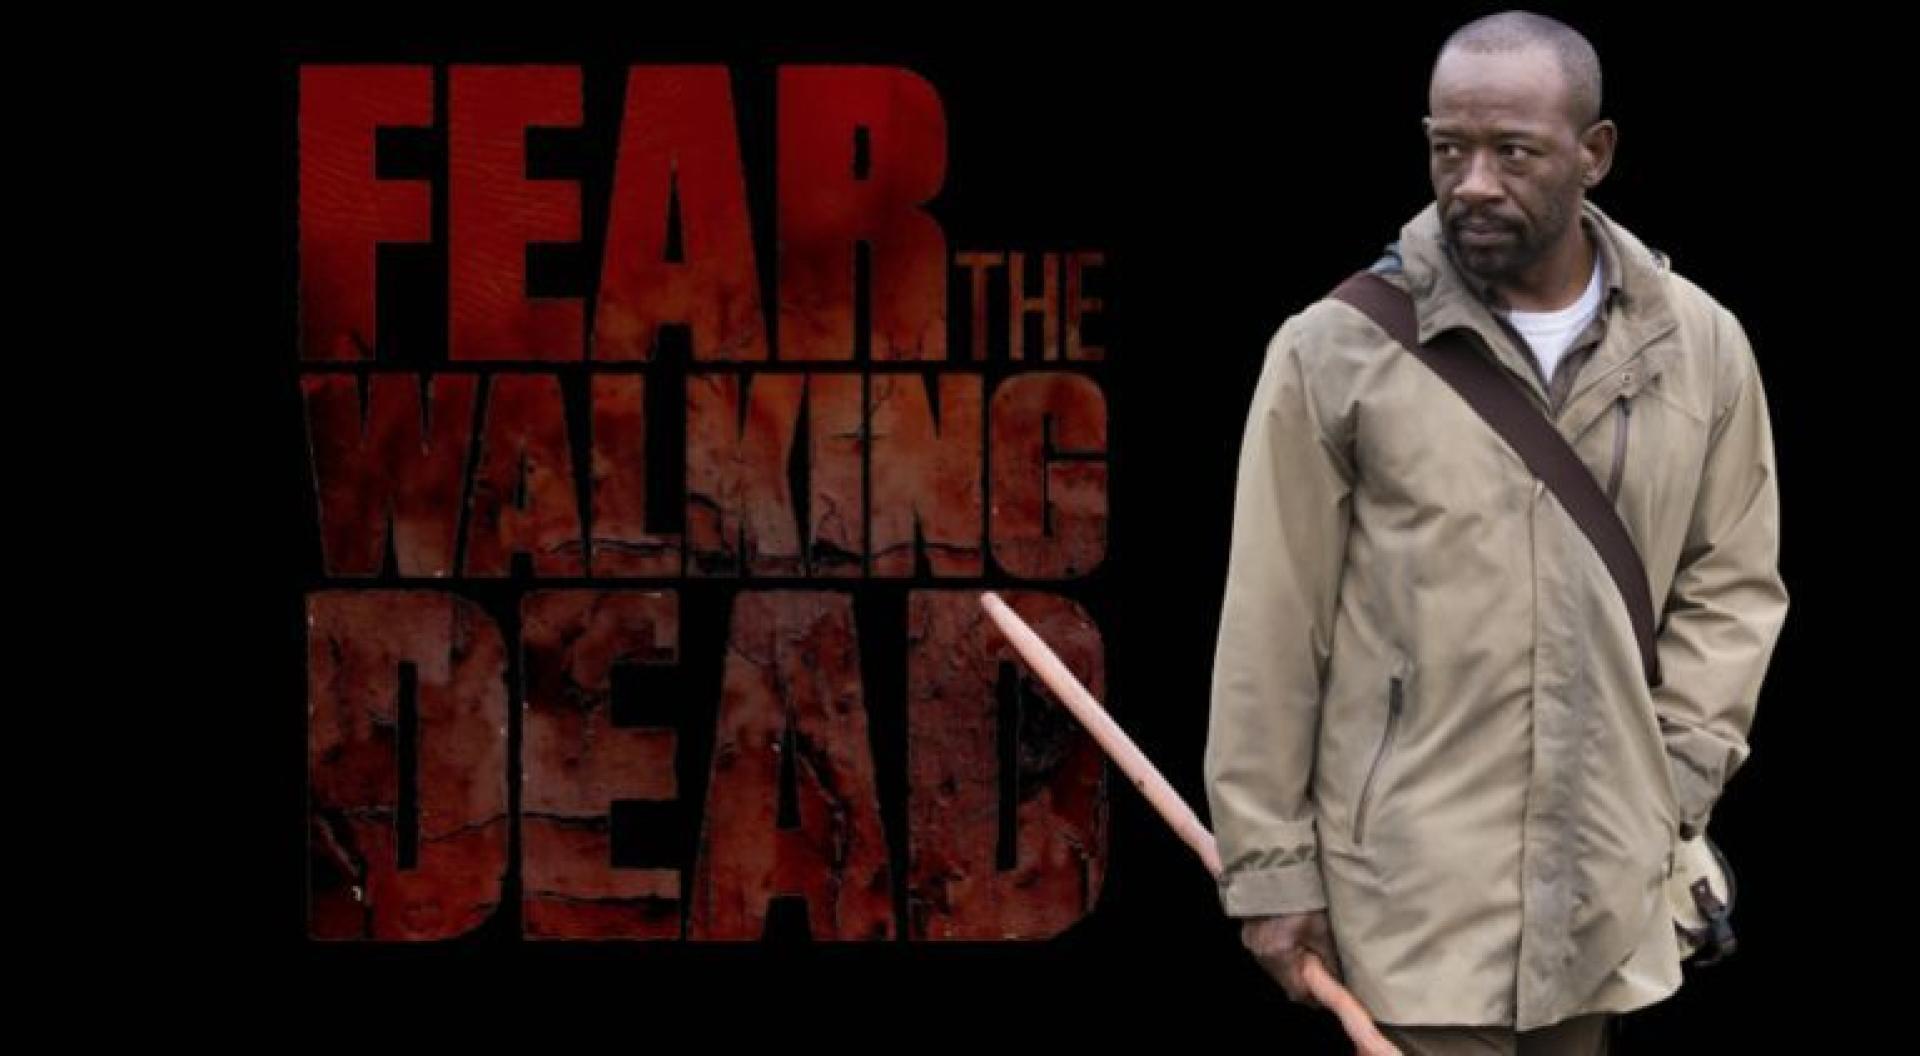 Morgan bekopogtat a zombisorozat kistestvérénél